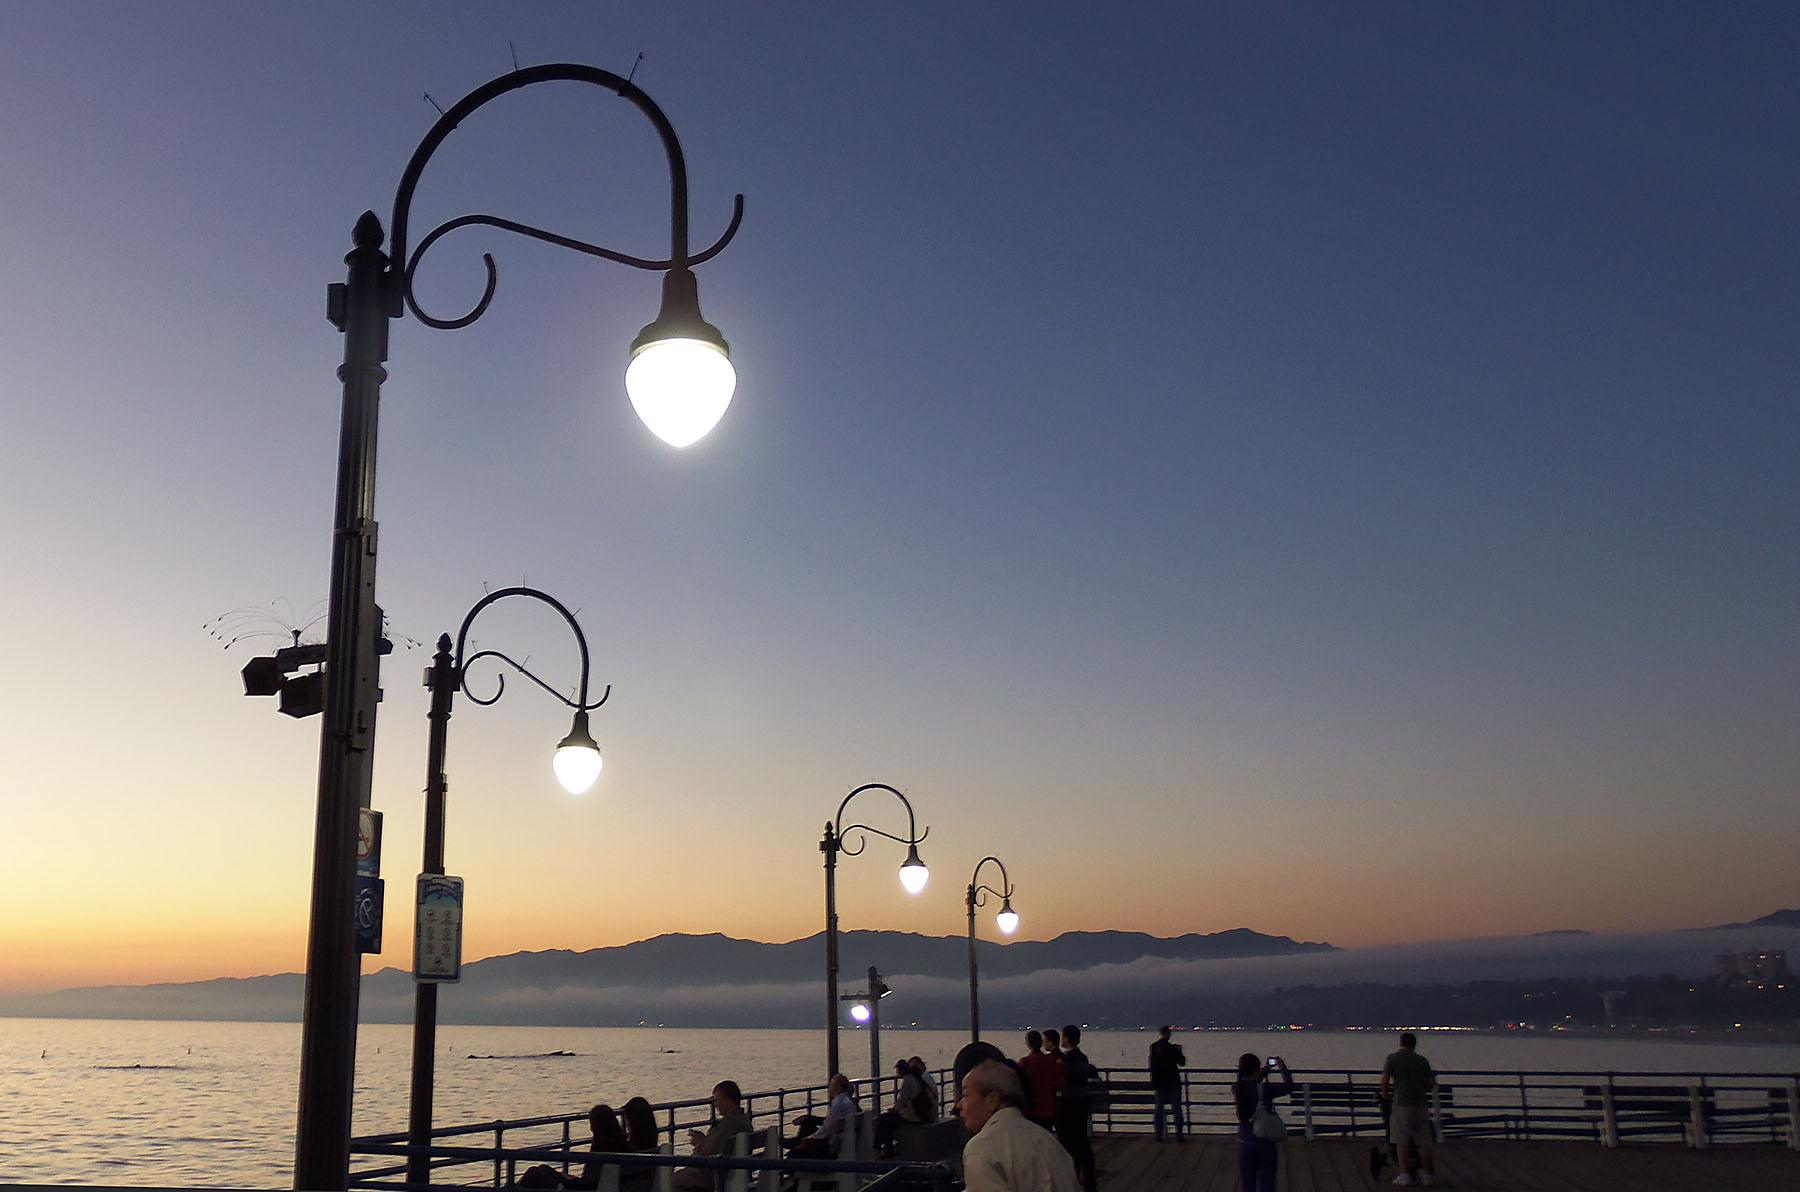 Creative Pier Lighting   Outdoor Lighting Perspectives of ...